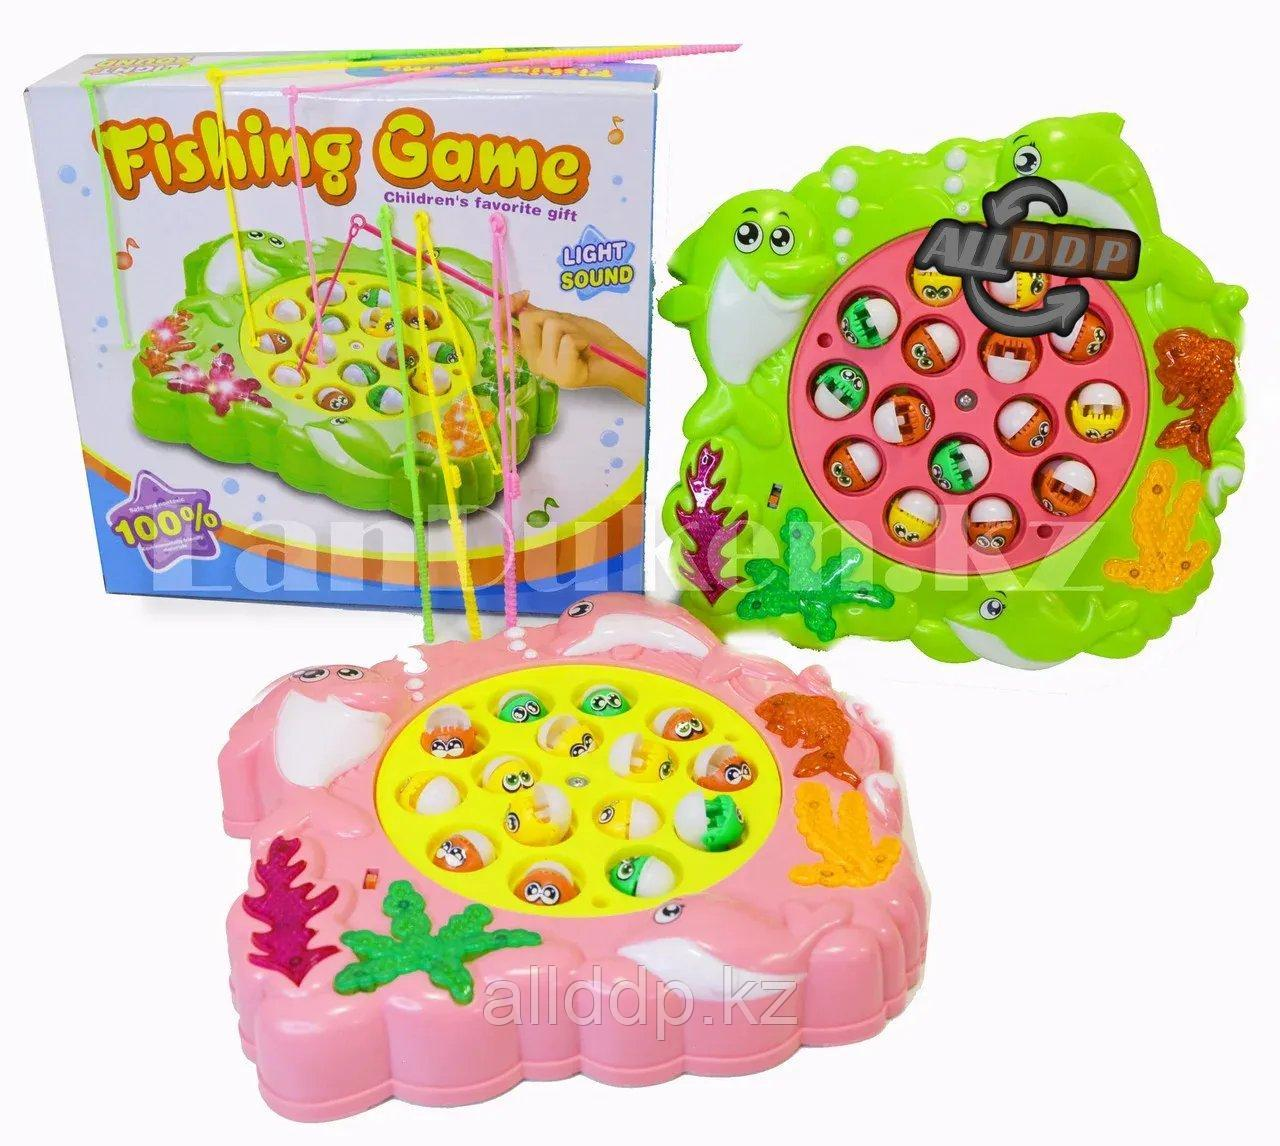 Музыкальный игровой набор Рыбалка с пираньями на механической платформе три удочки в ассортименте (233-8)